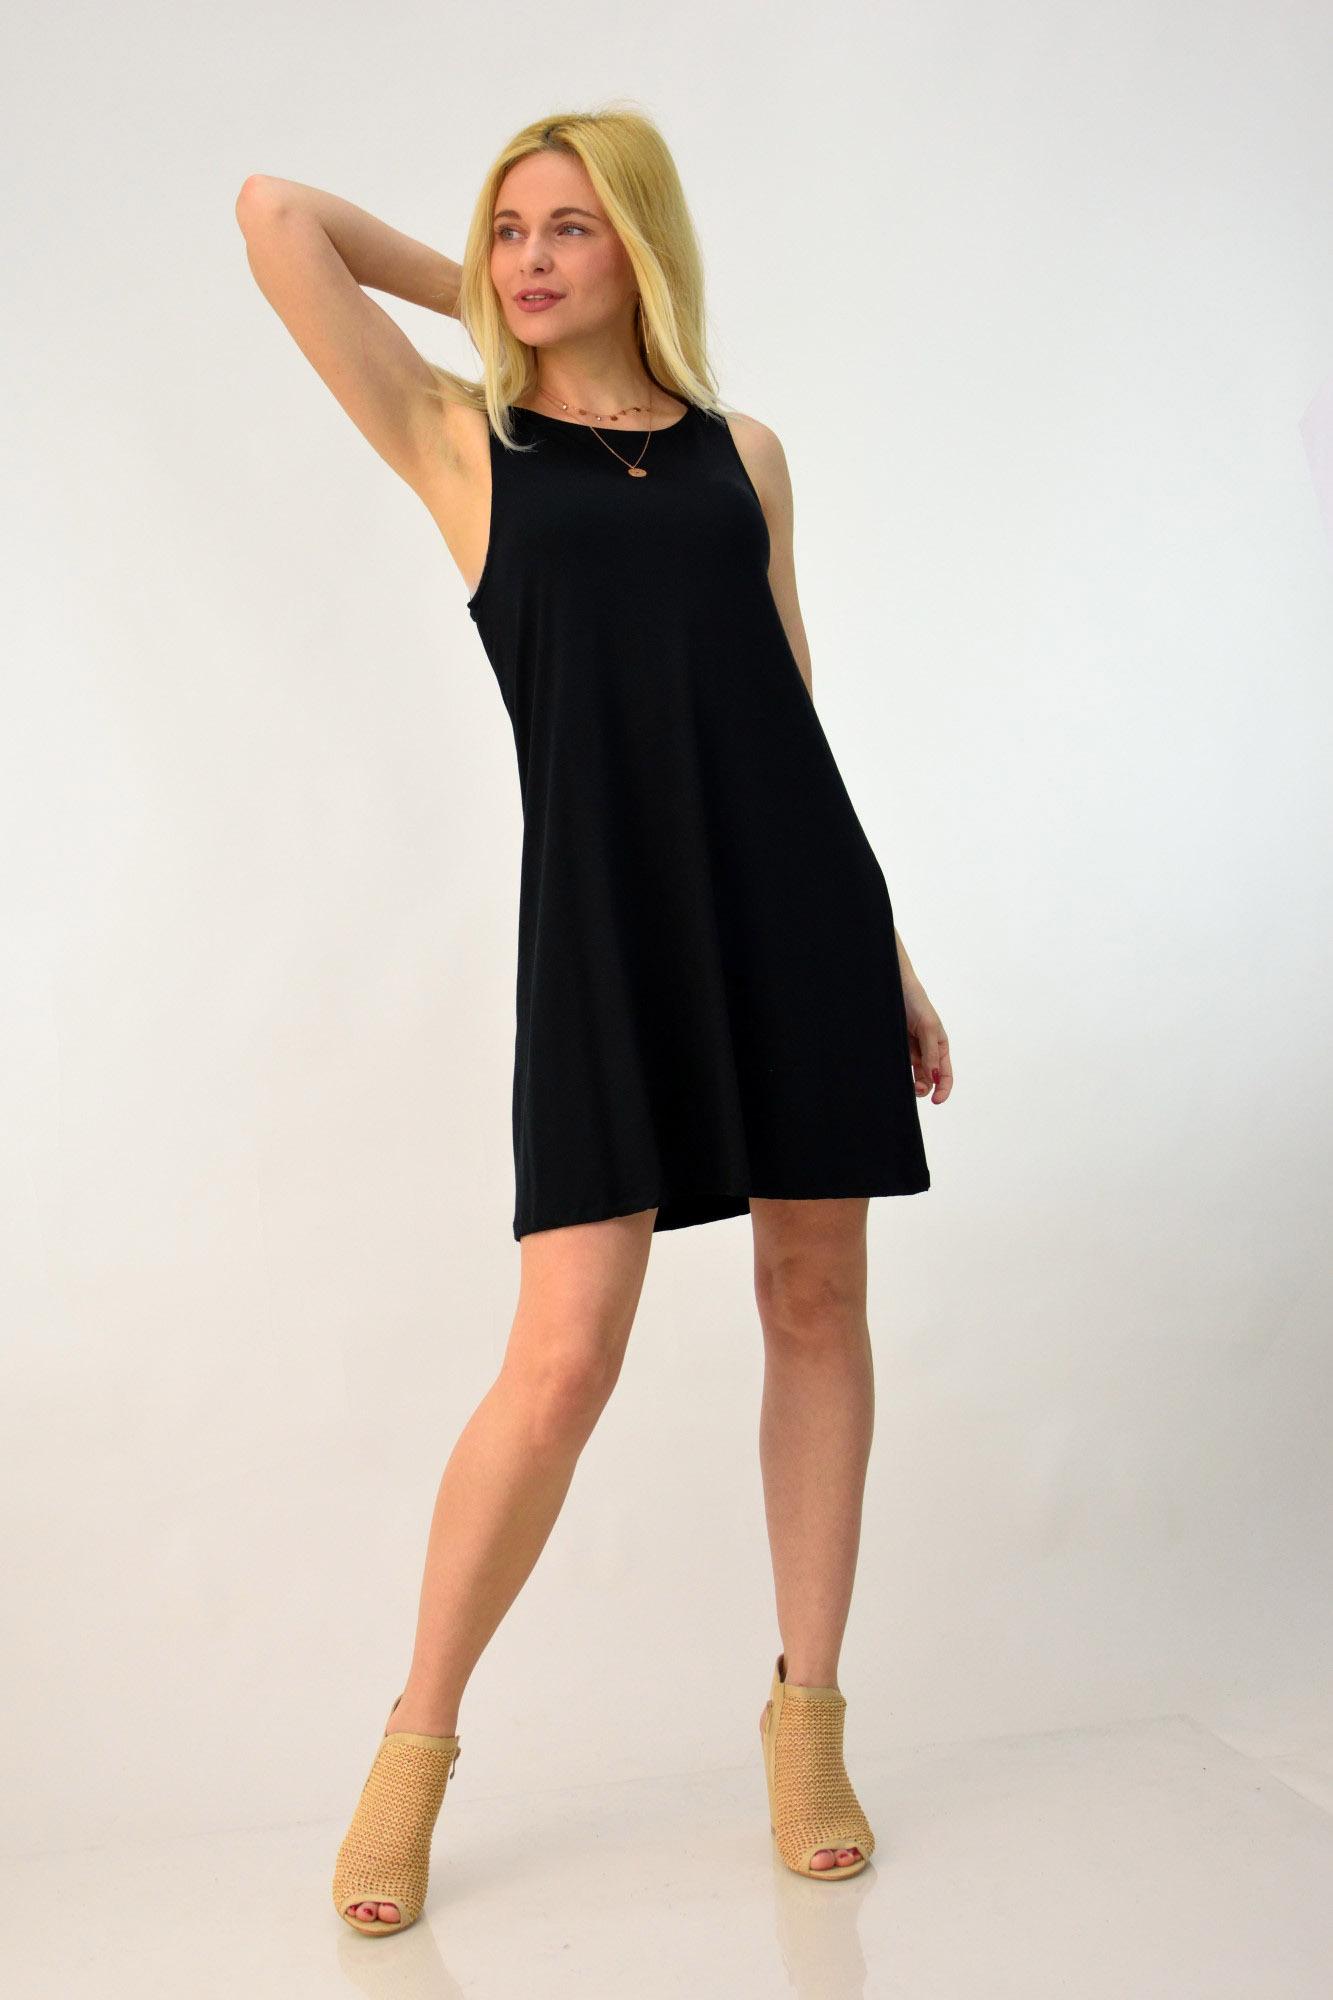 af9b8add7776 μινι φορεμα daily wear